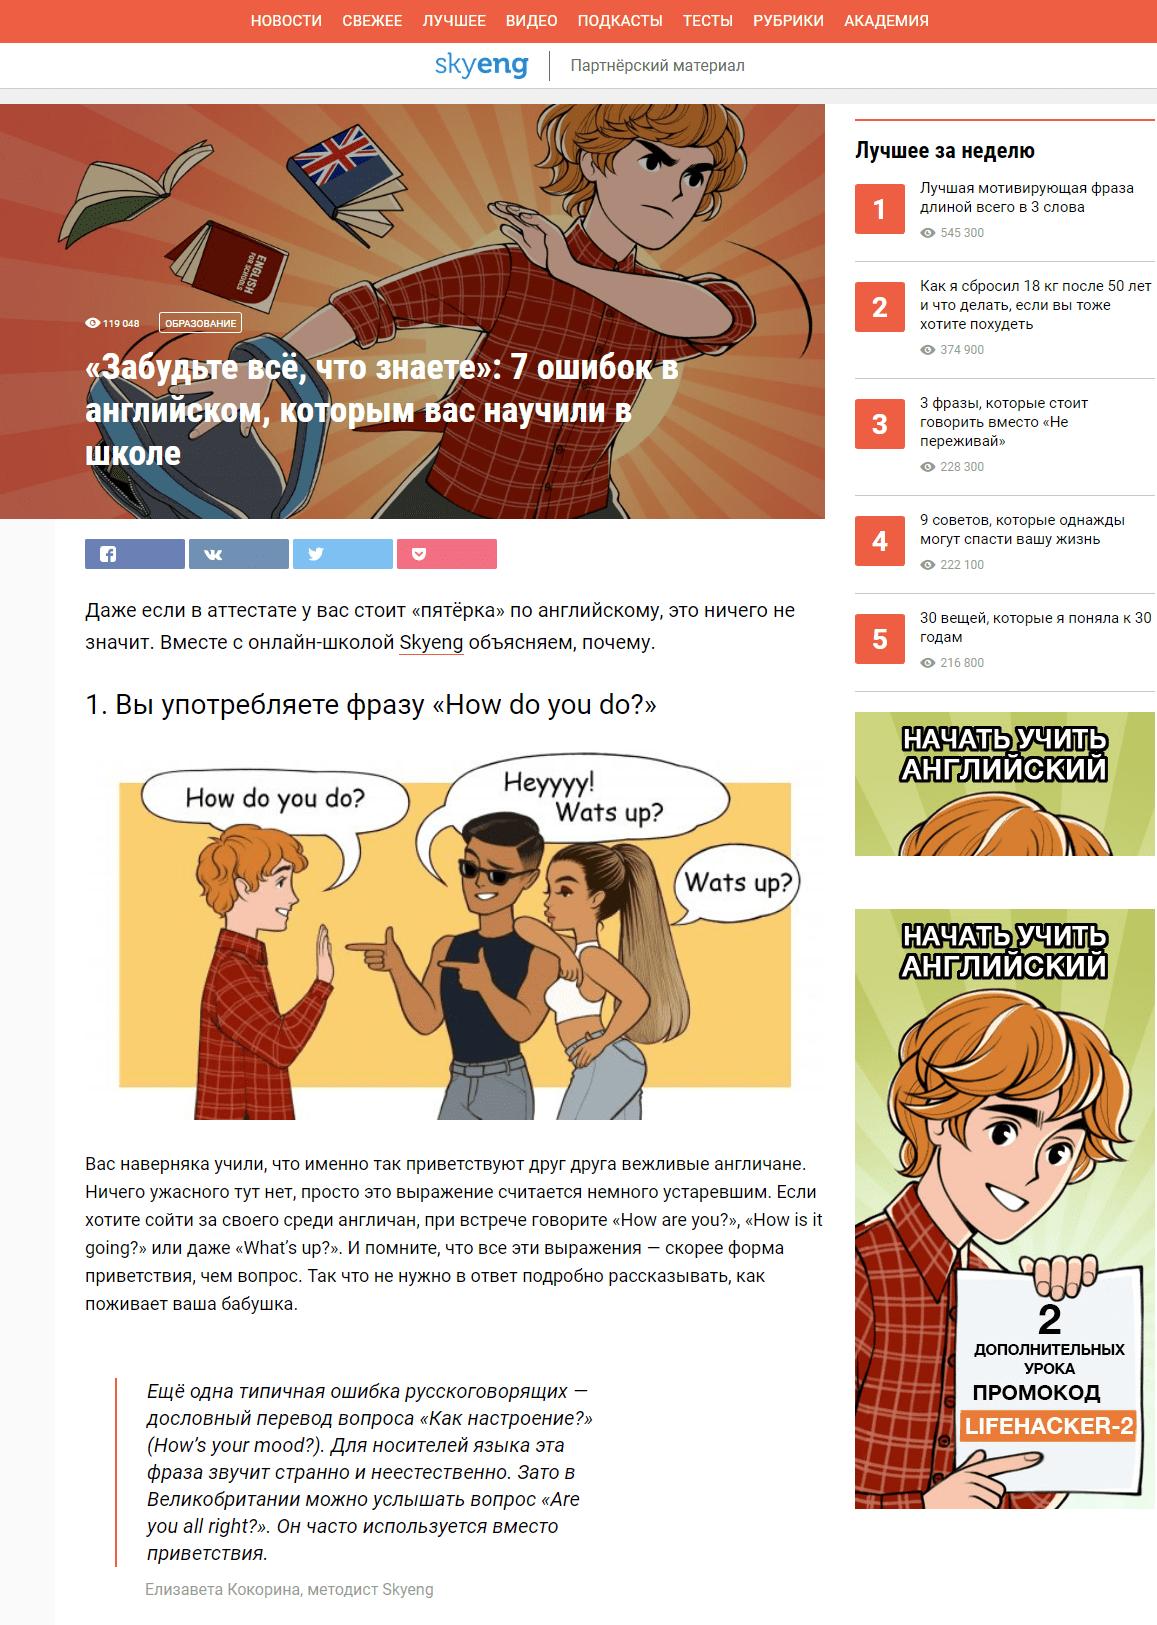 Тексты для социальных сетей: правила создания постов, особенности